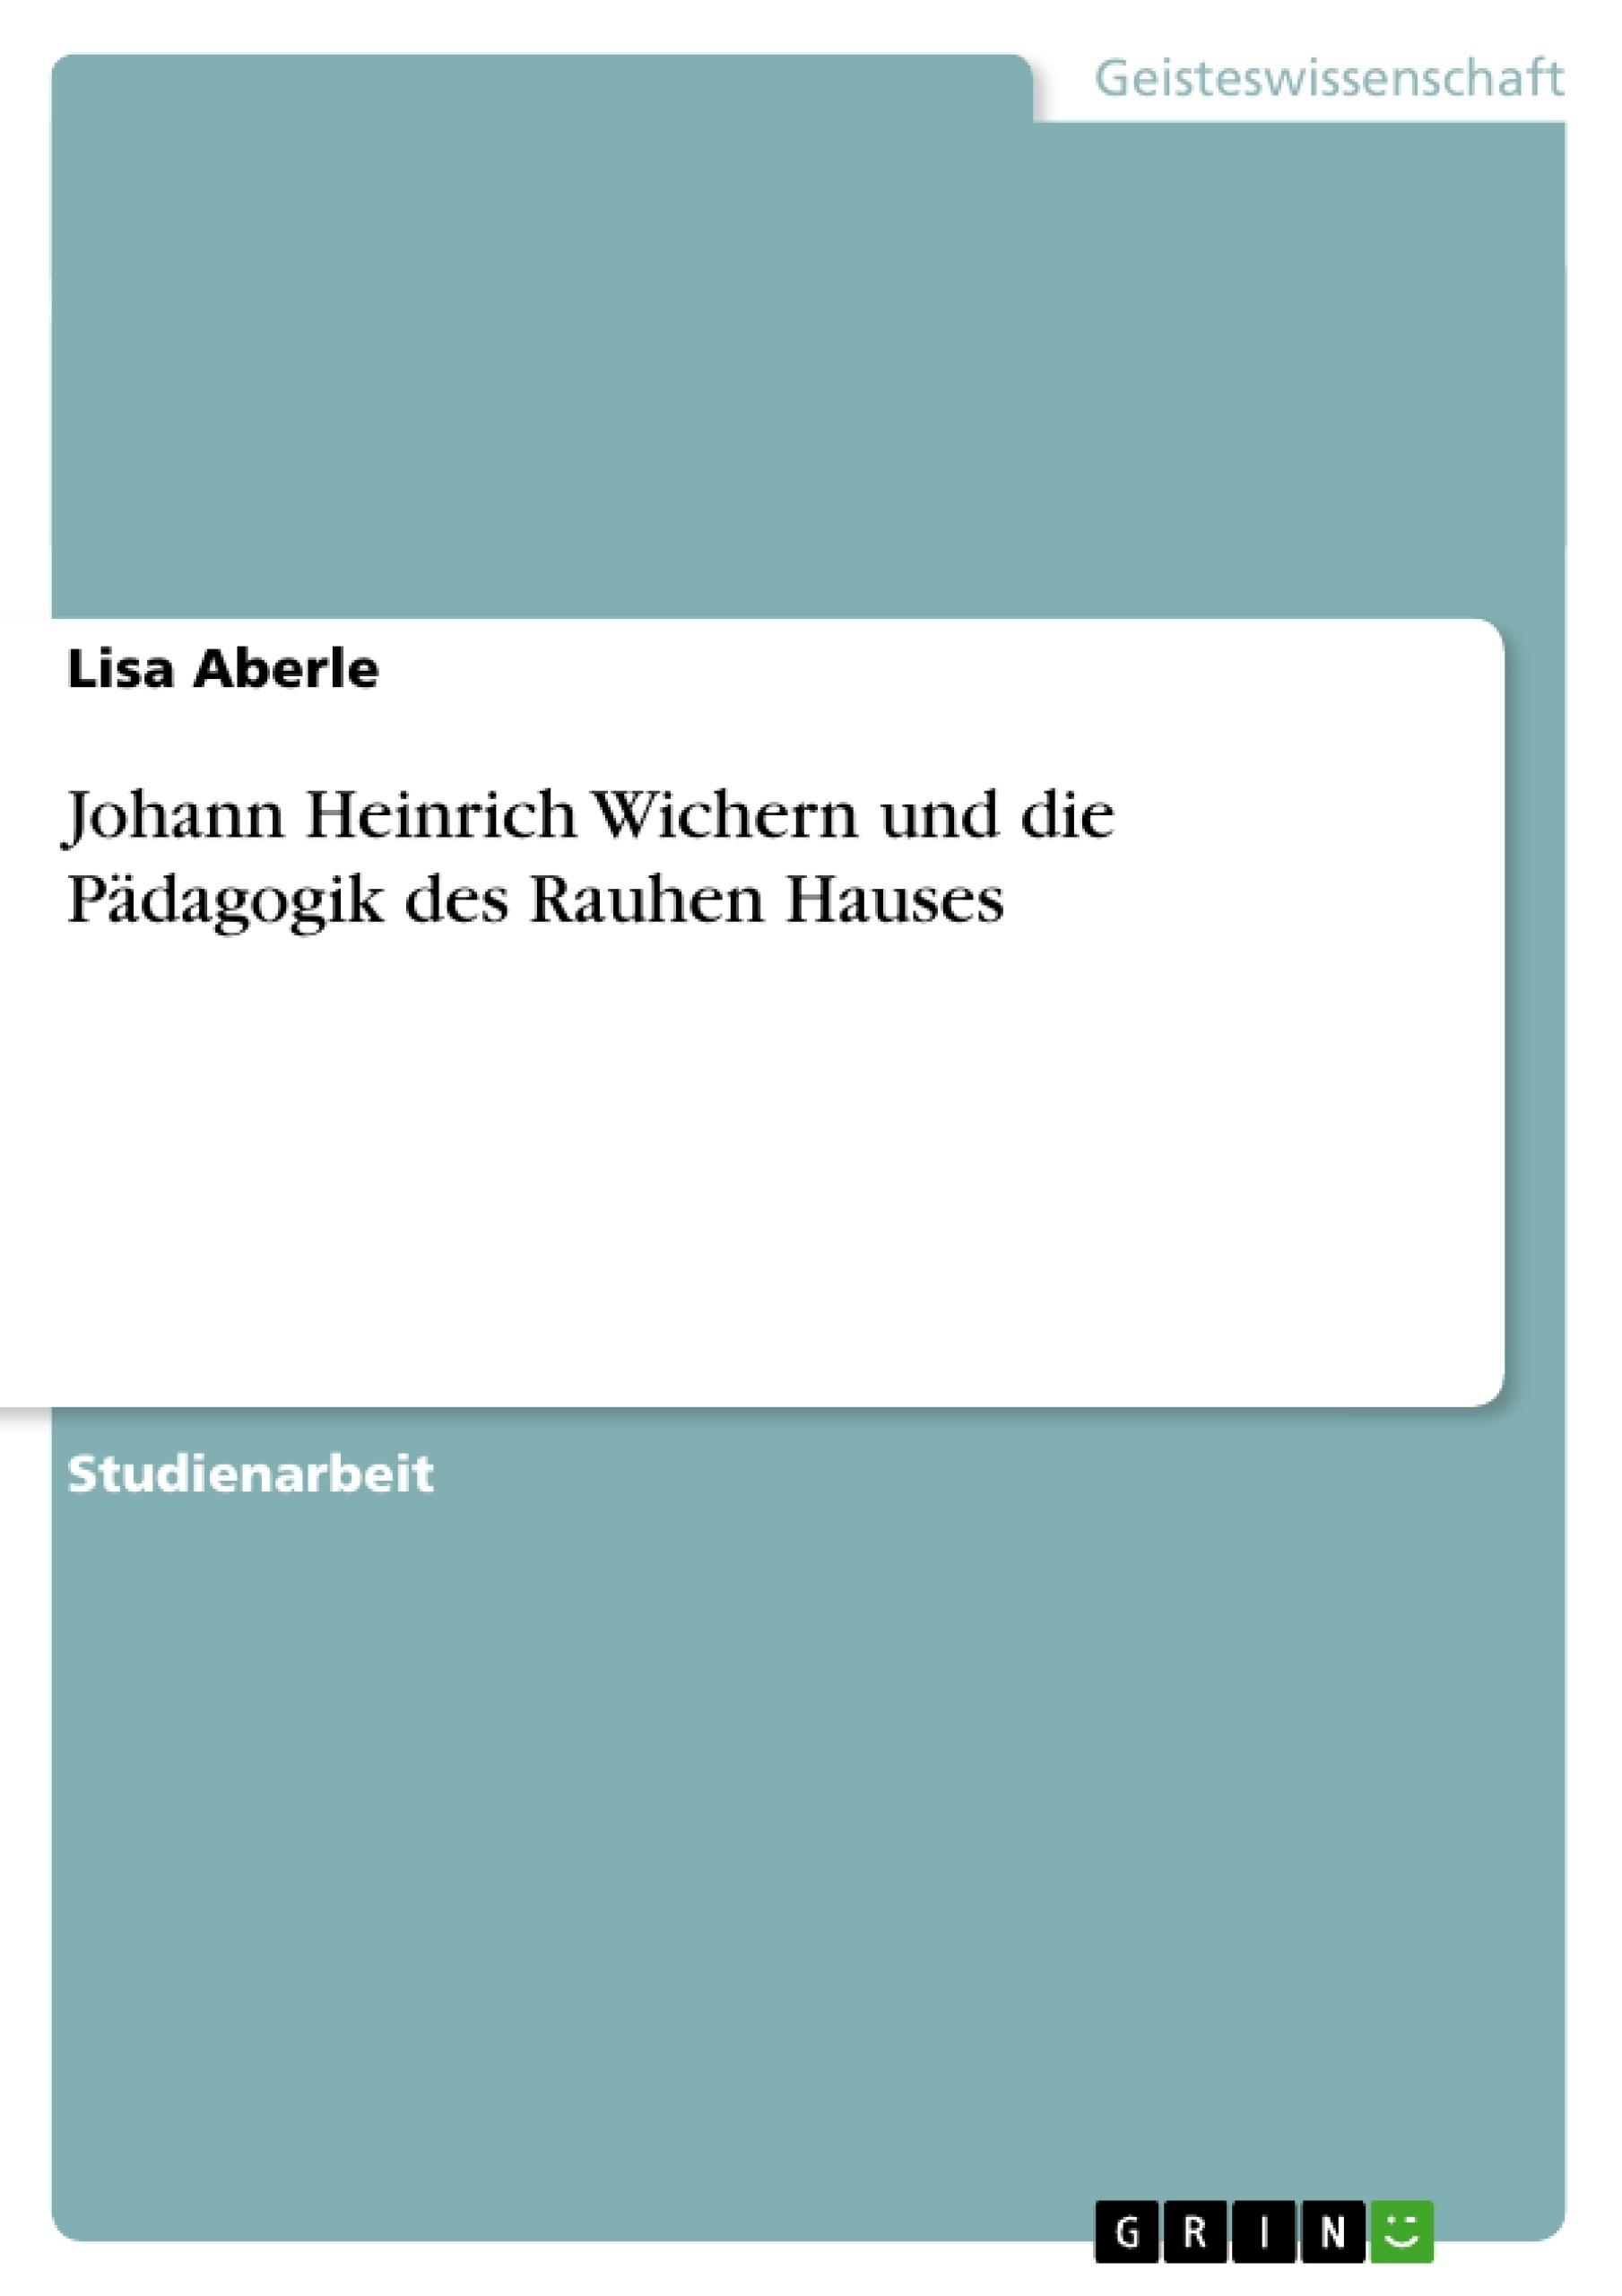 Titel: Johann Heinrich Wichern und die Pädagogik des Rauhen Hauses